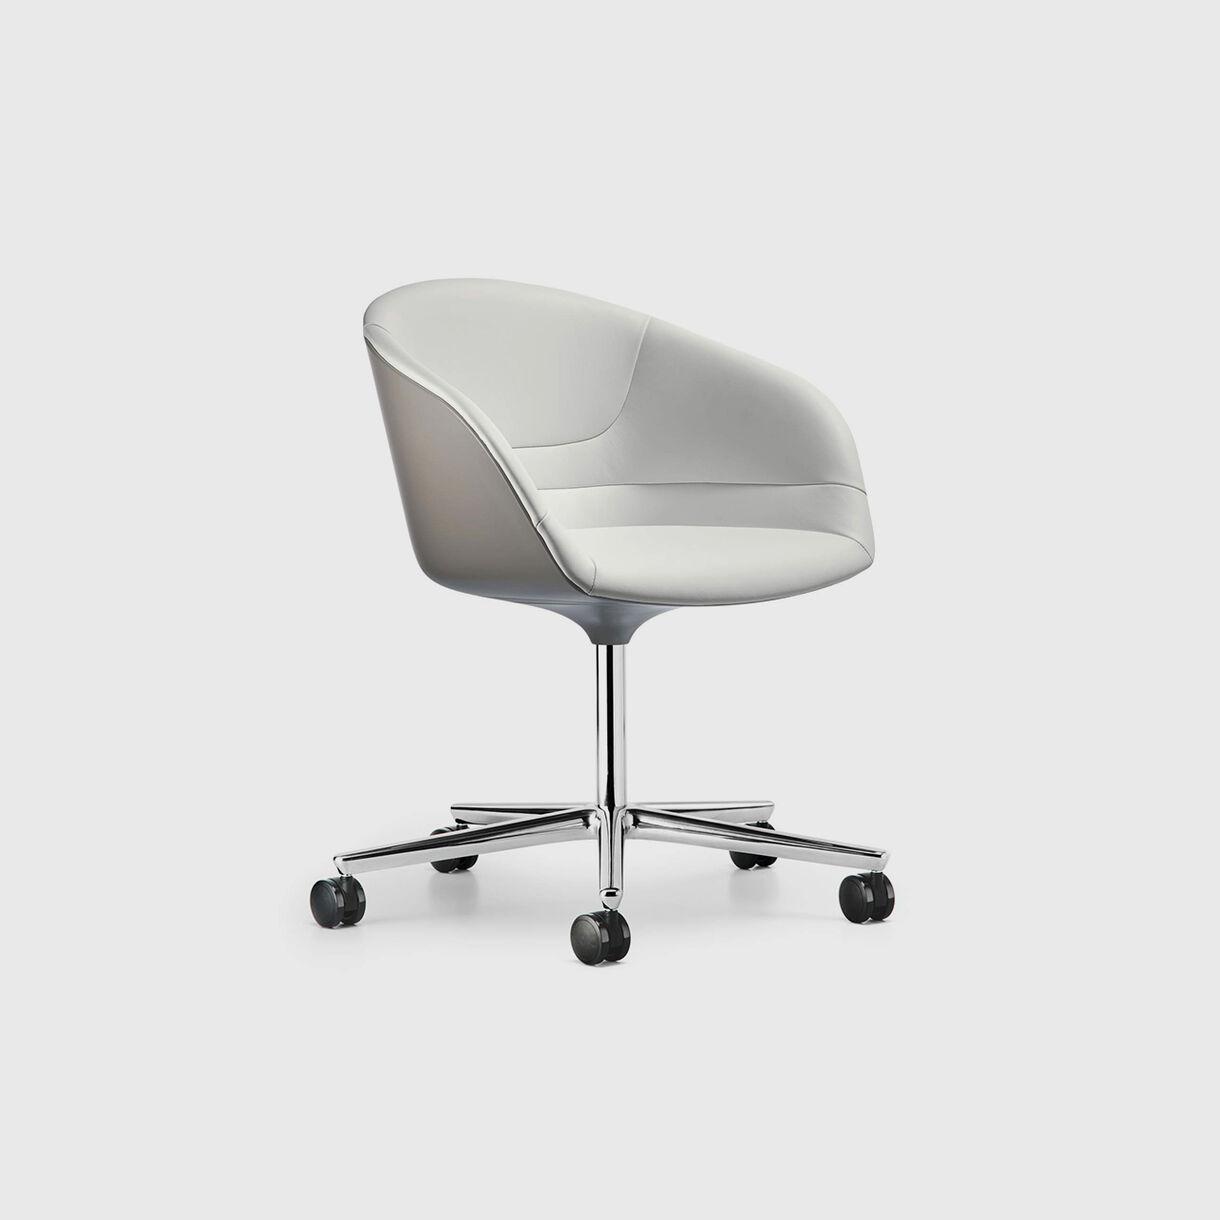 Kyo Chair 5 Star Base, White Leather & Silver Base